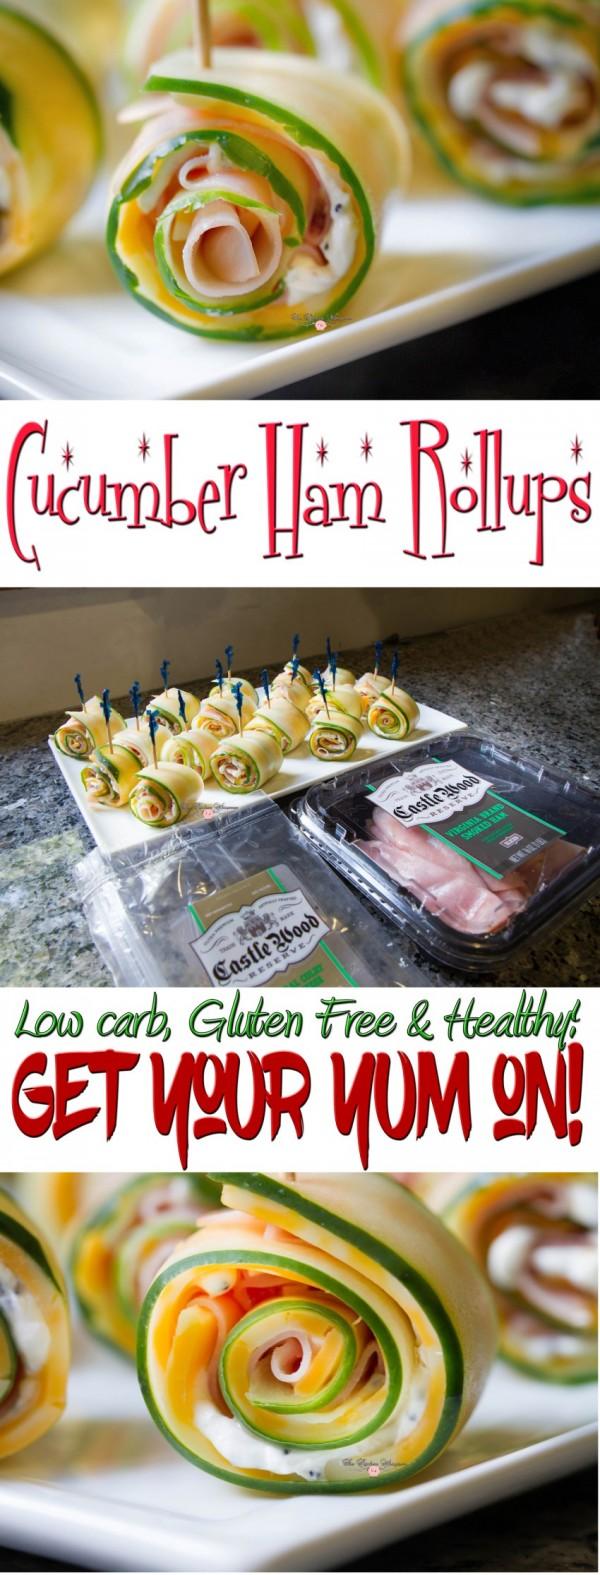 Cucumber Ham Rollsups Collage